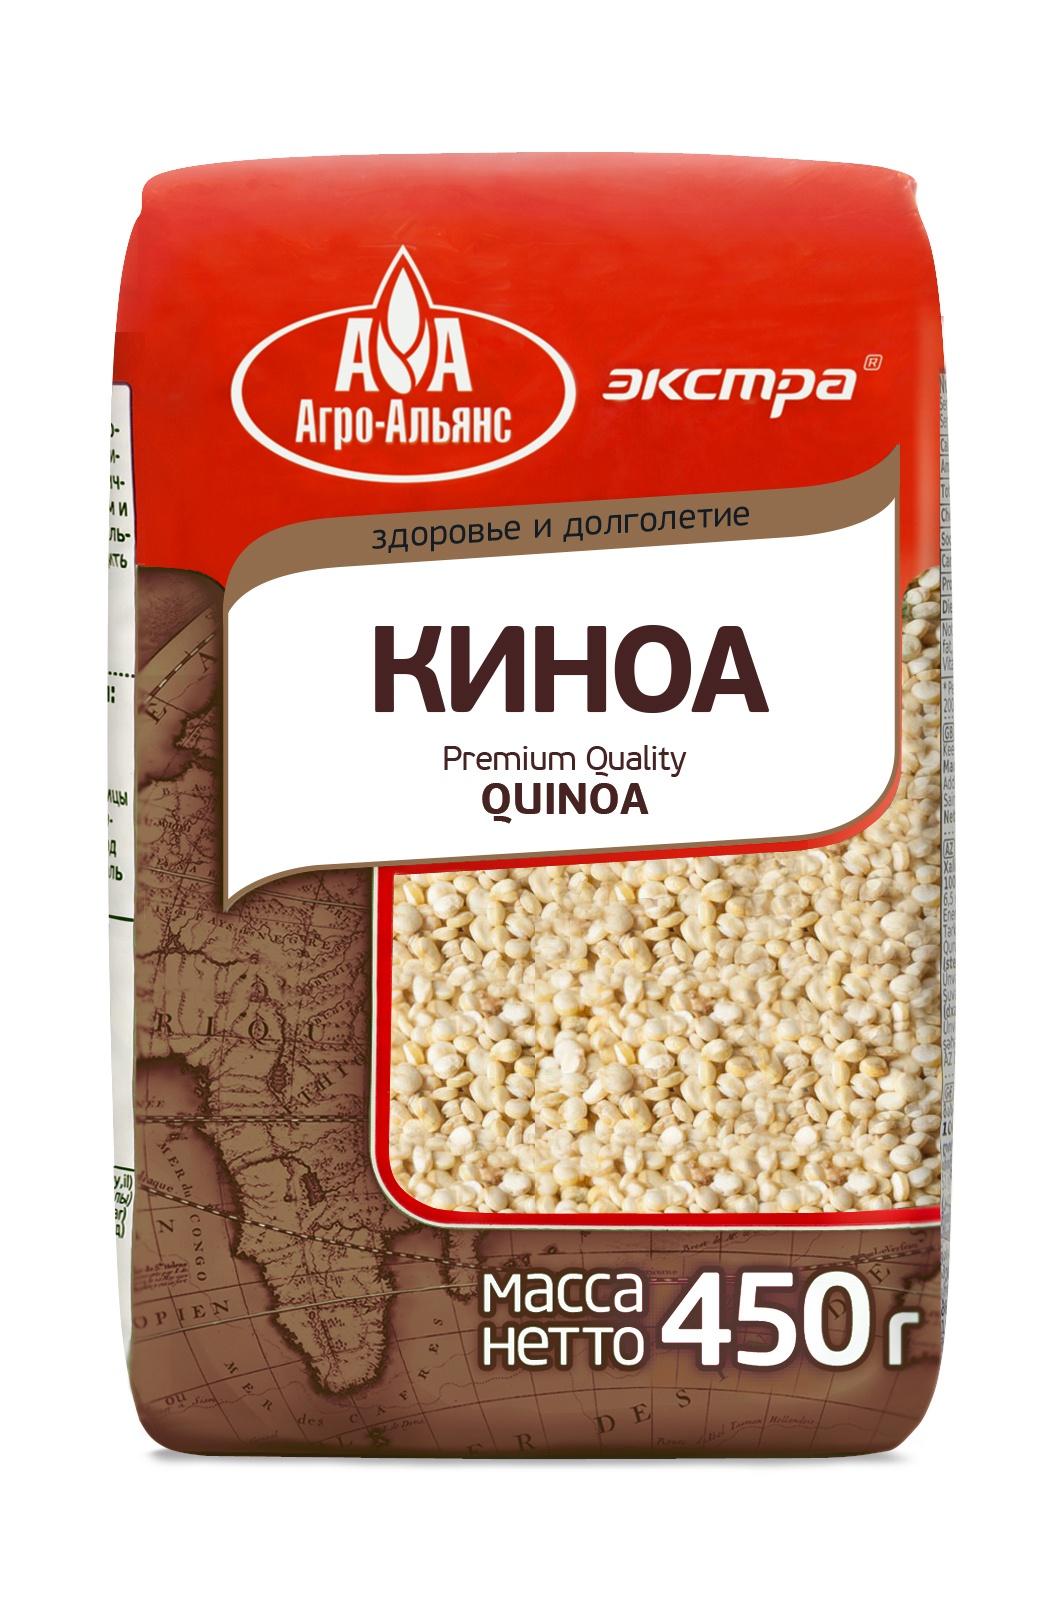 Киноа Агро-Альянс Экстра, 450 г